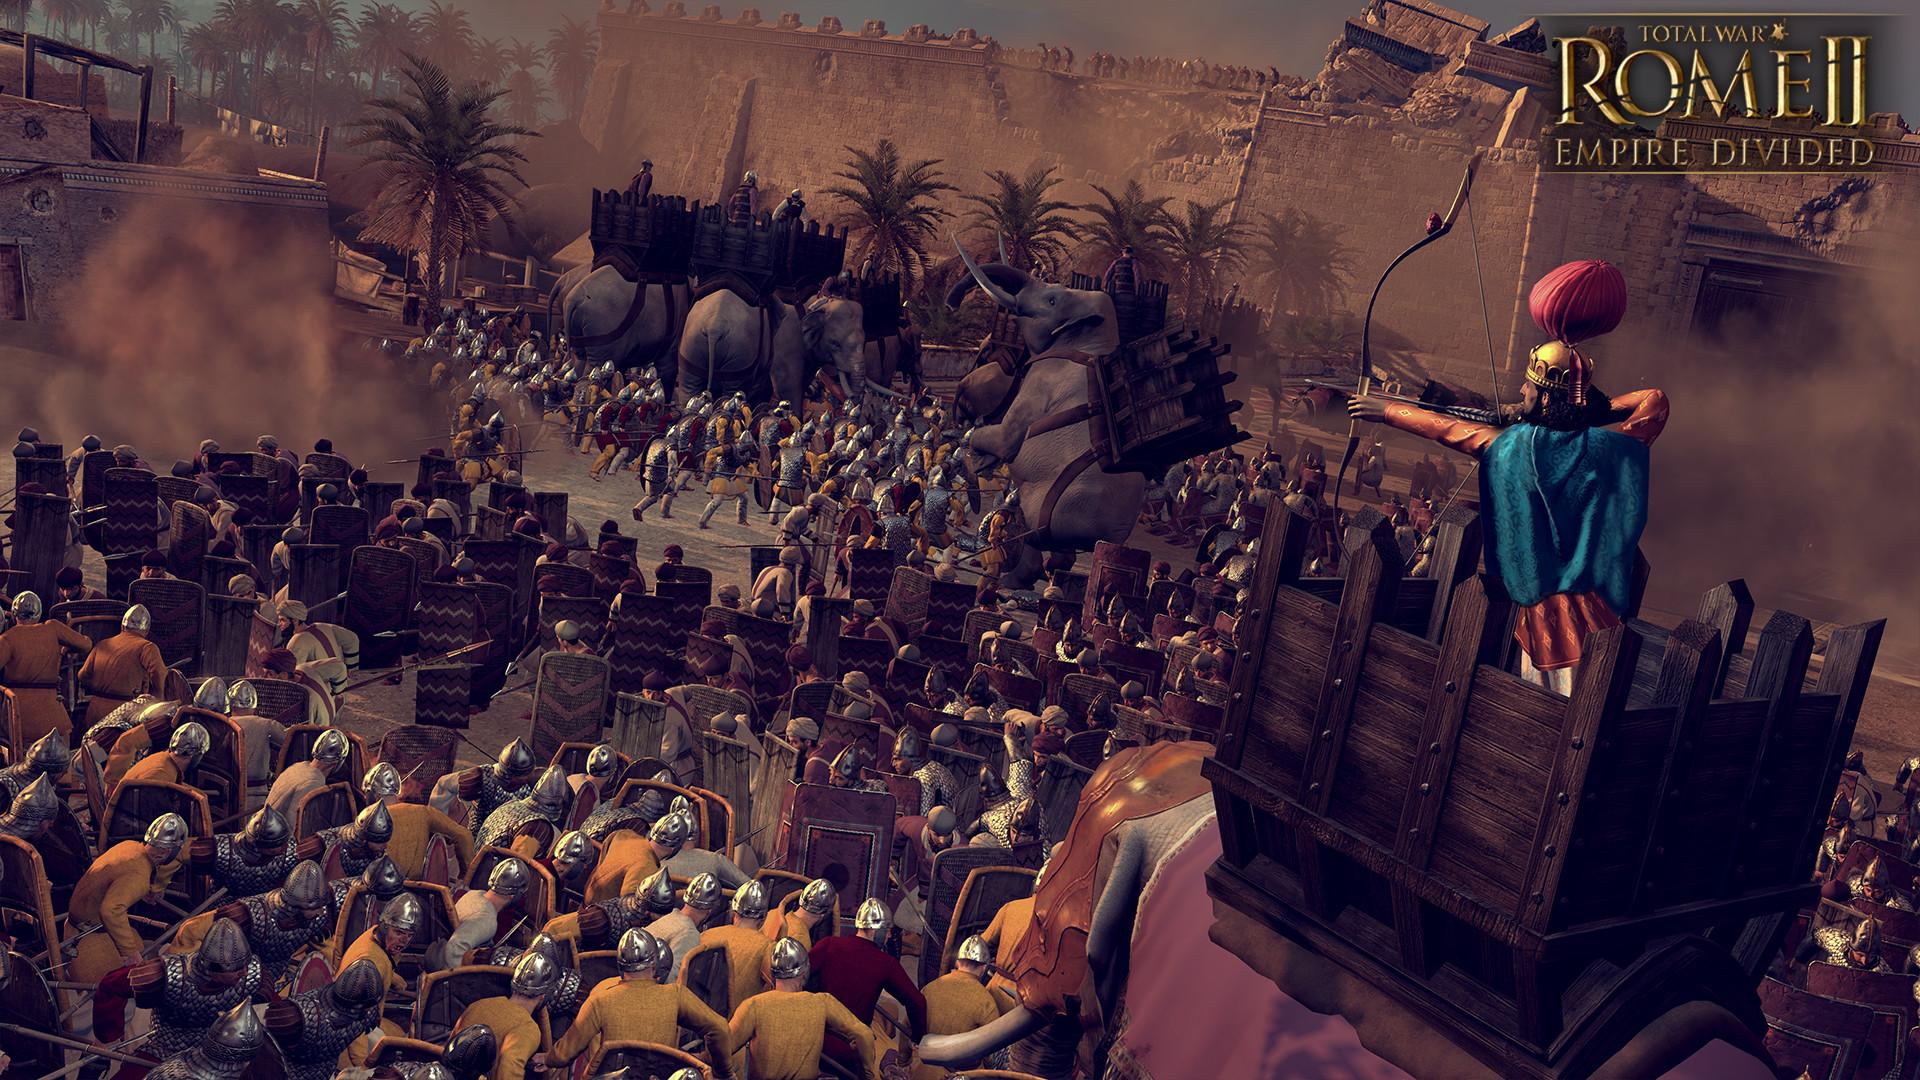 Обзор Total War: ROME II — Empire Divided — возвращение в Рим